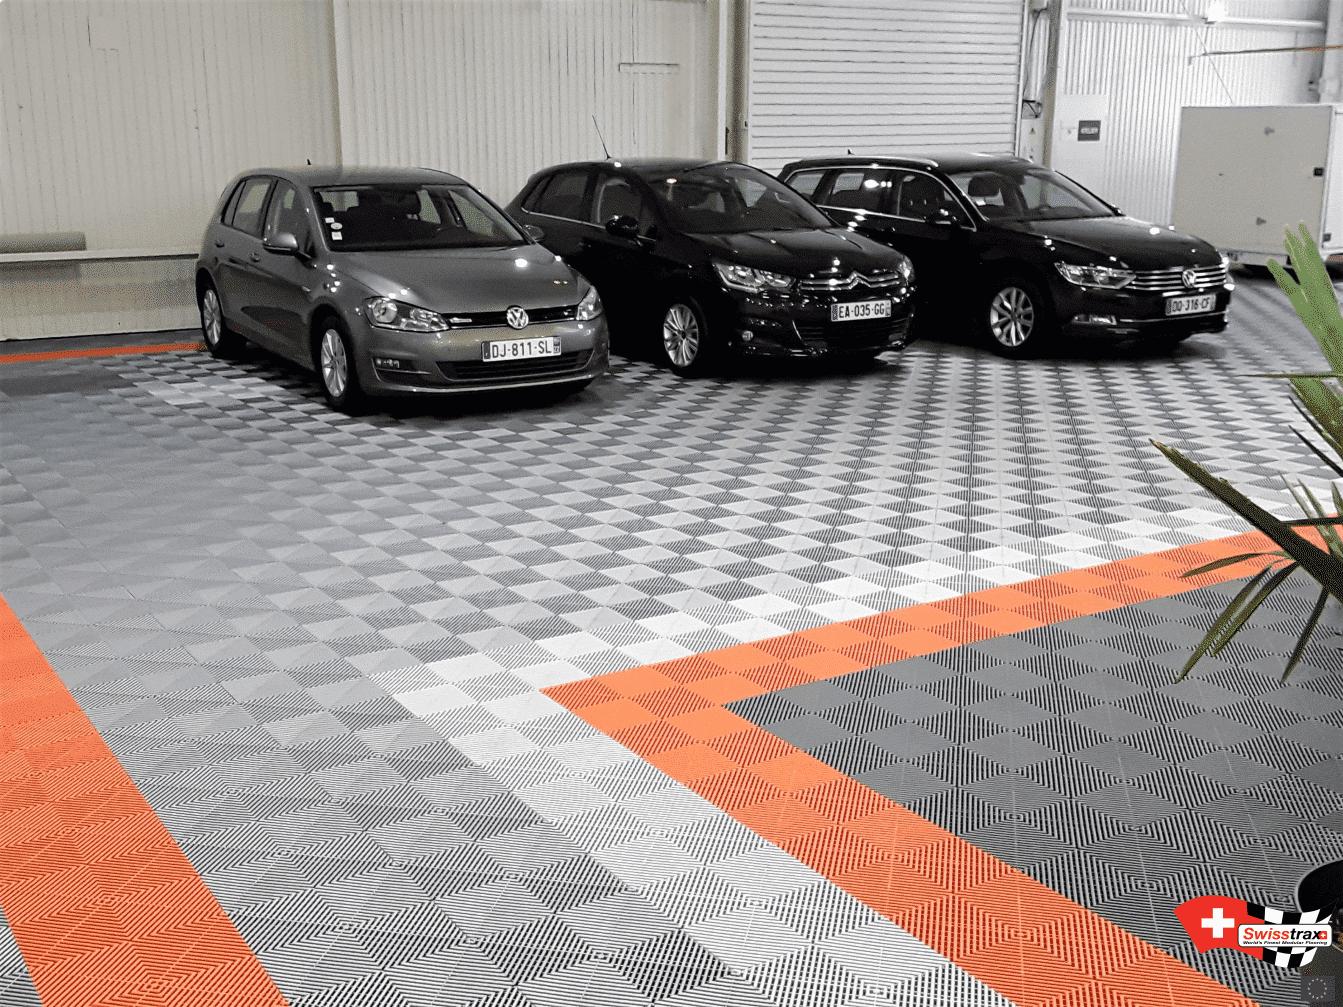 revêtement de sol pour showroom automobile